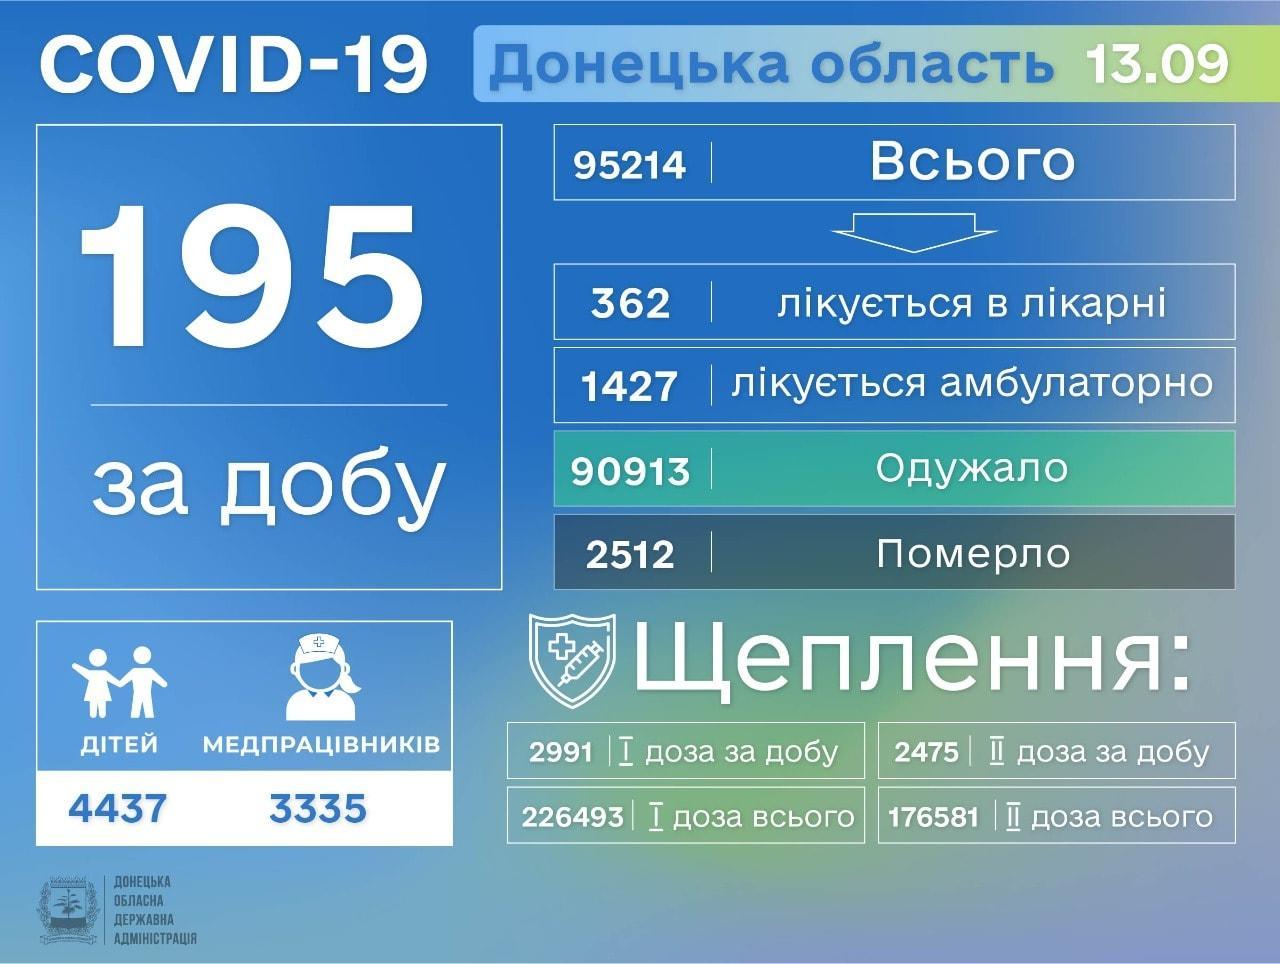 інфографіка Донецька область коронавірус 14 вересня